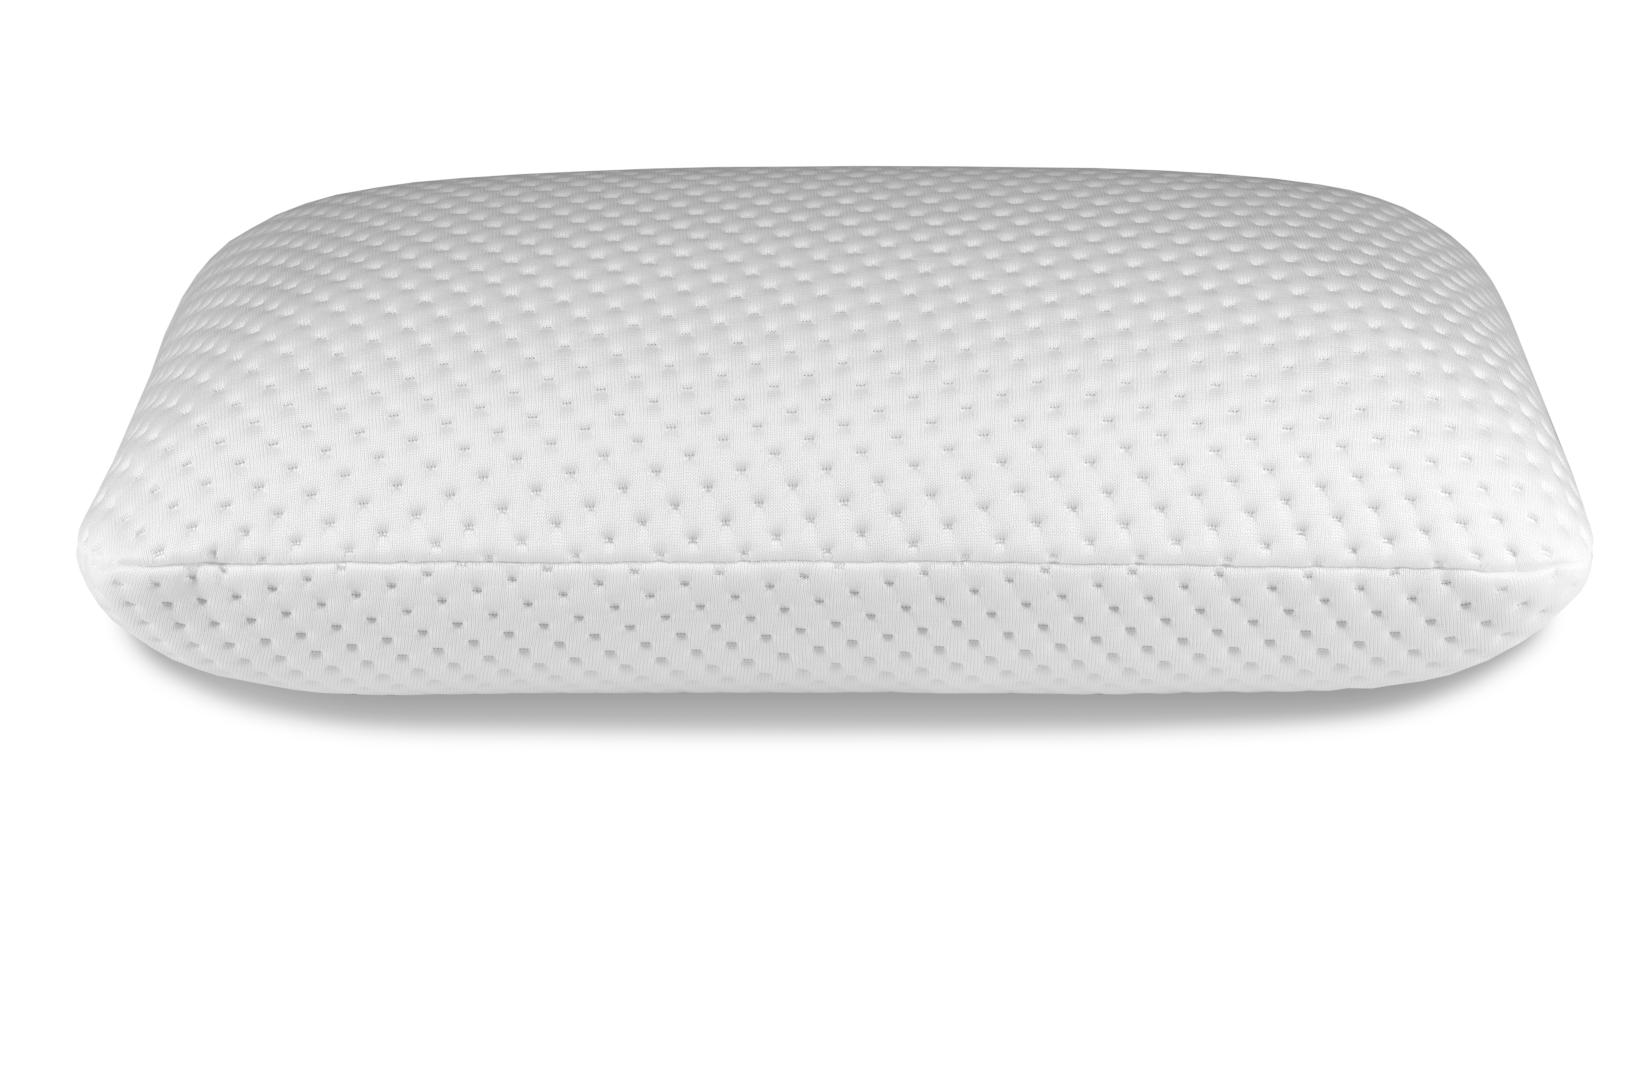 Mała poduszka ortopedyczna idealna dla kręgosłupa